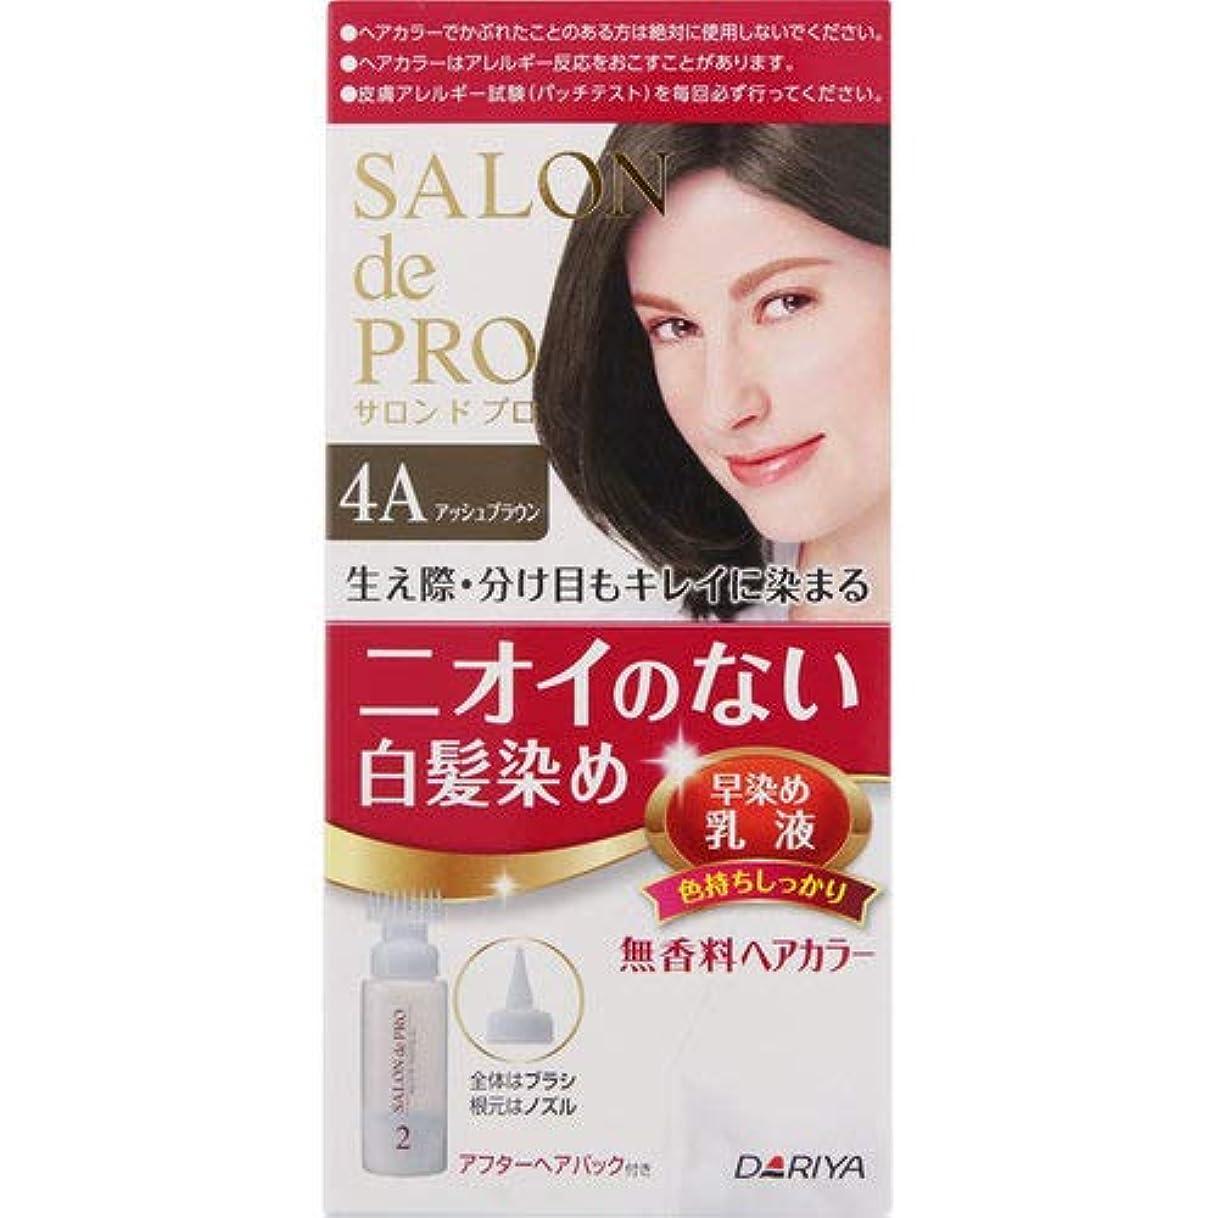 断片湿気の多い賢明なサロンドプロ無香料ヘアカラー早染め乳液4A(アッシュブラウン)